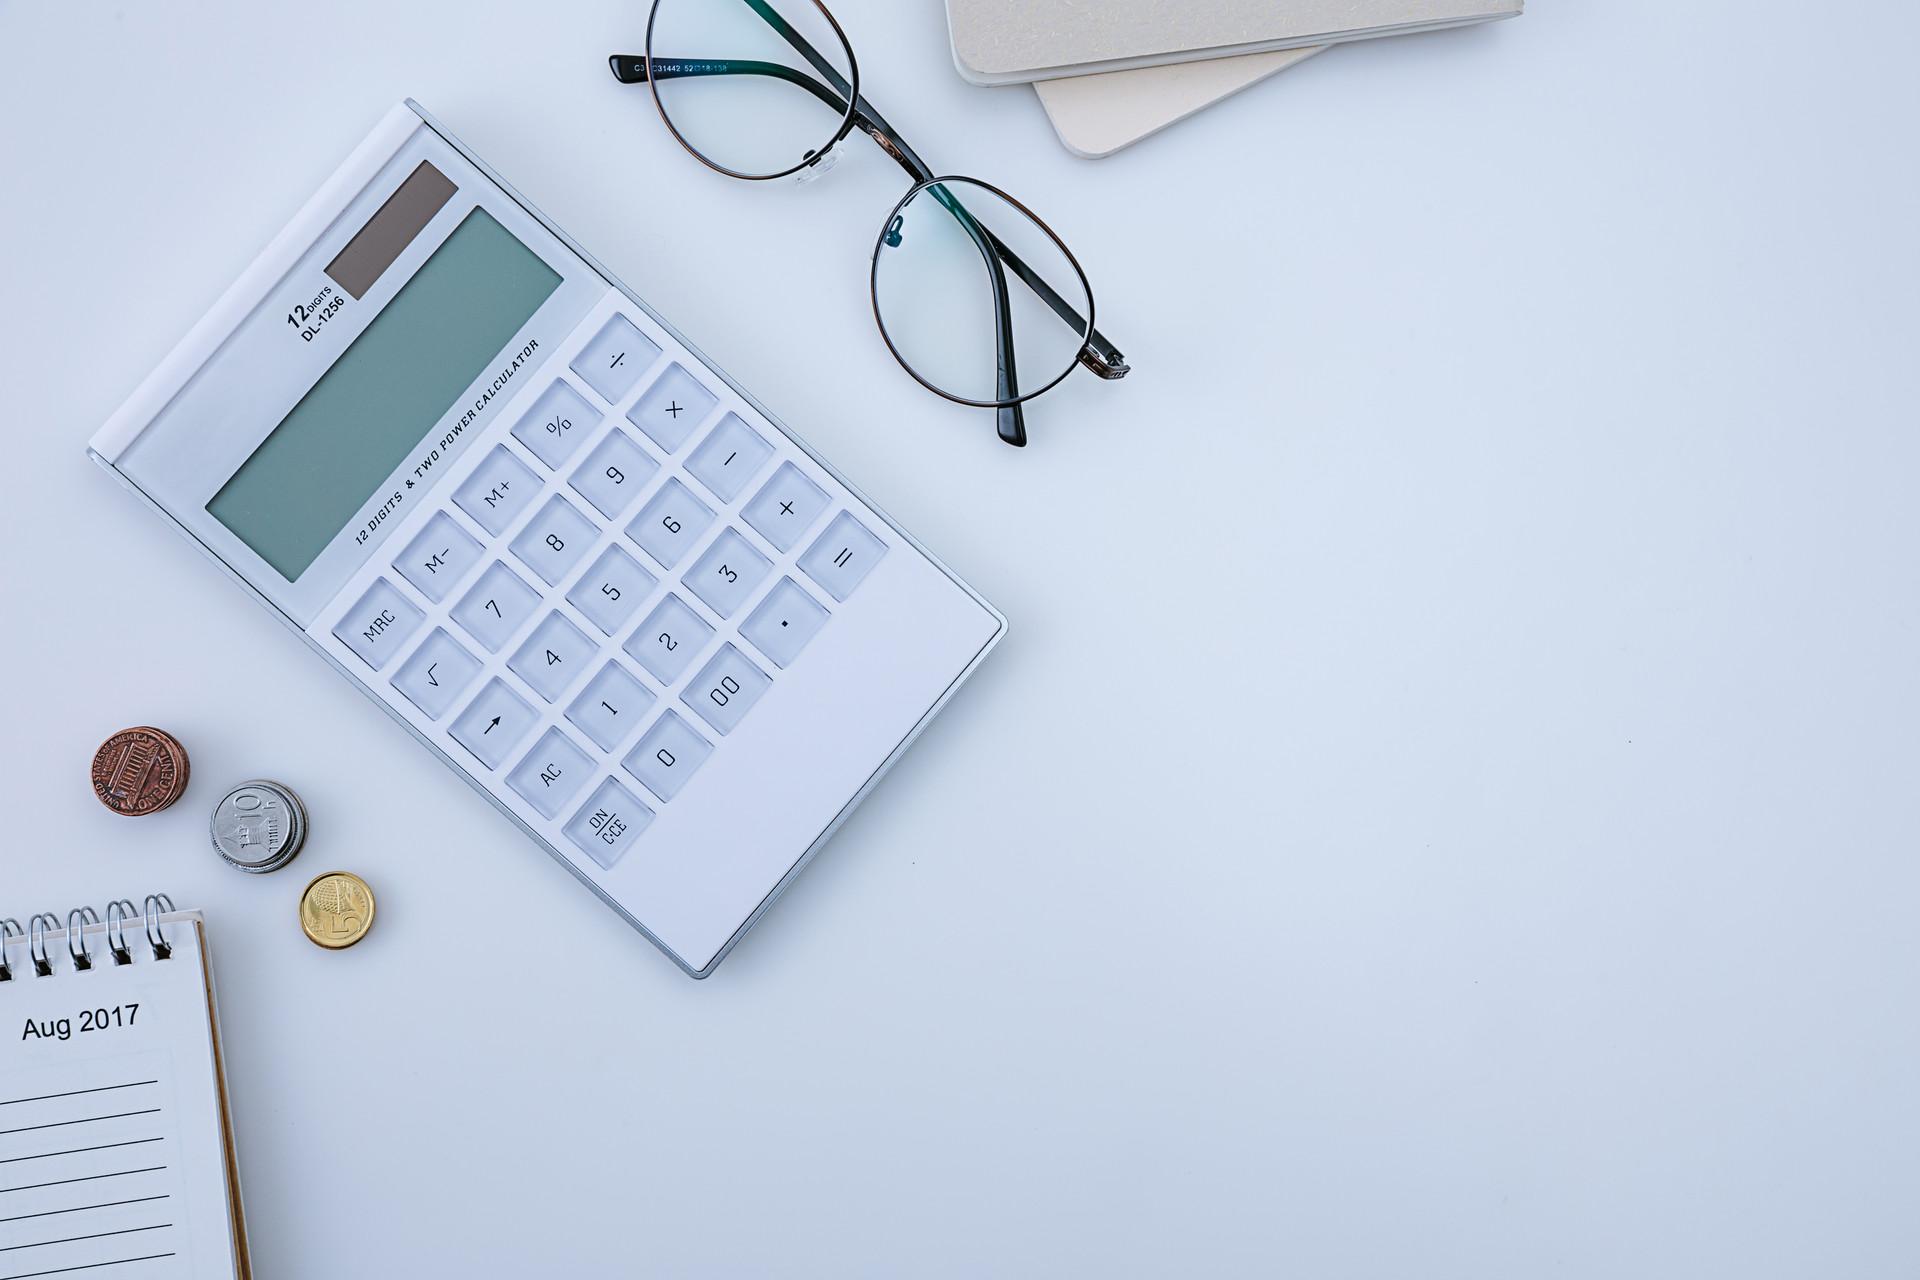 快速制作工资条软件是真的吗?有哪些好处?